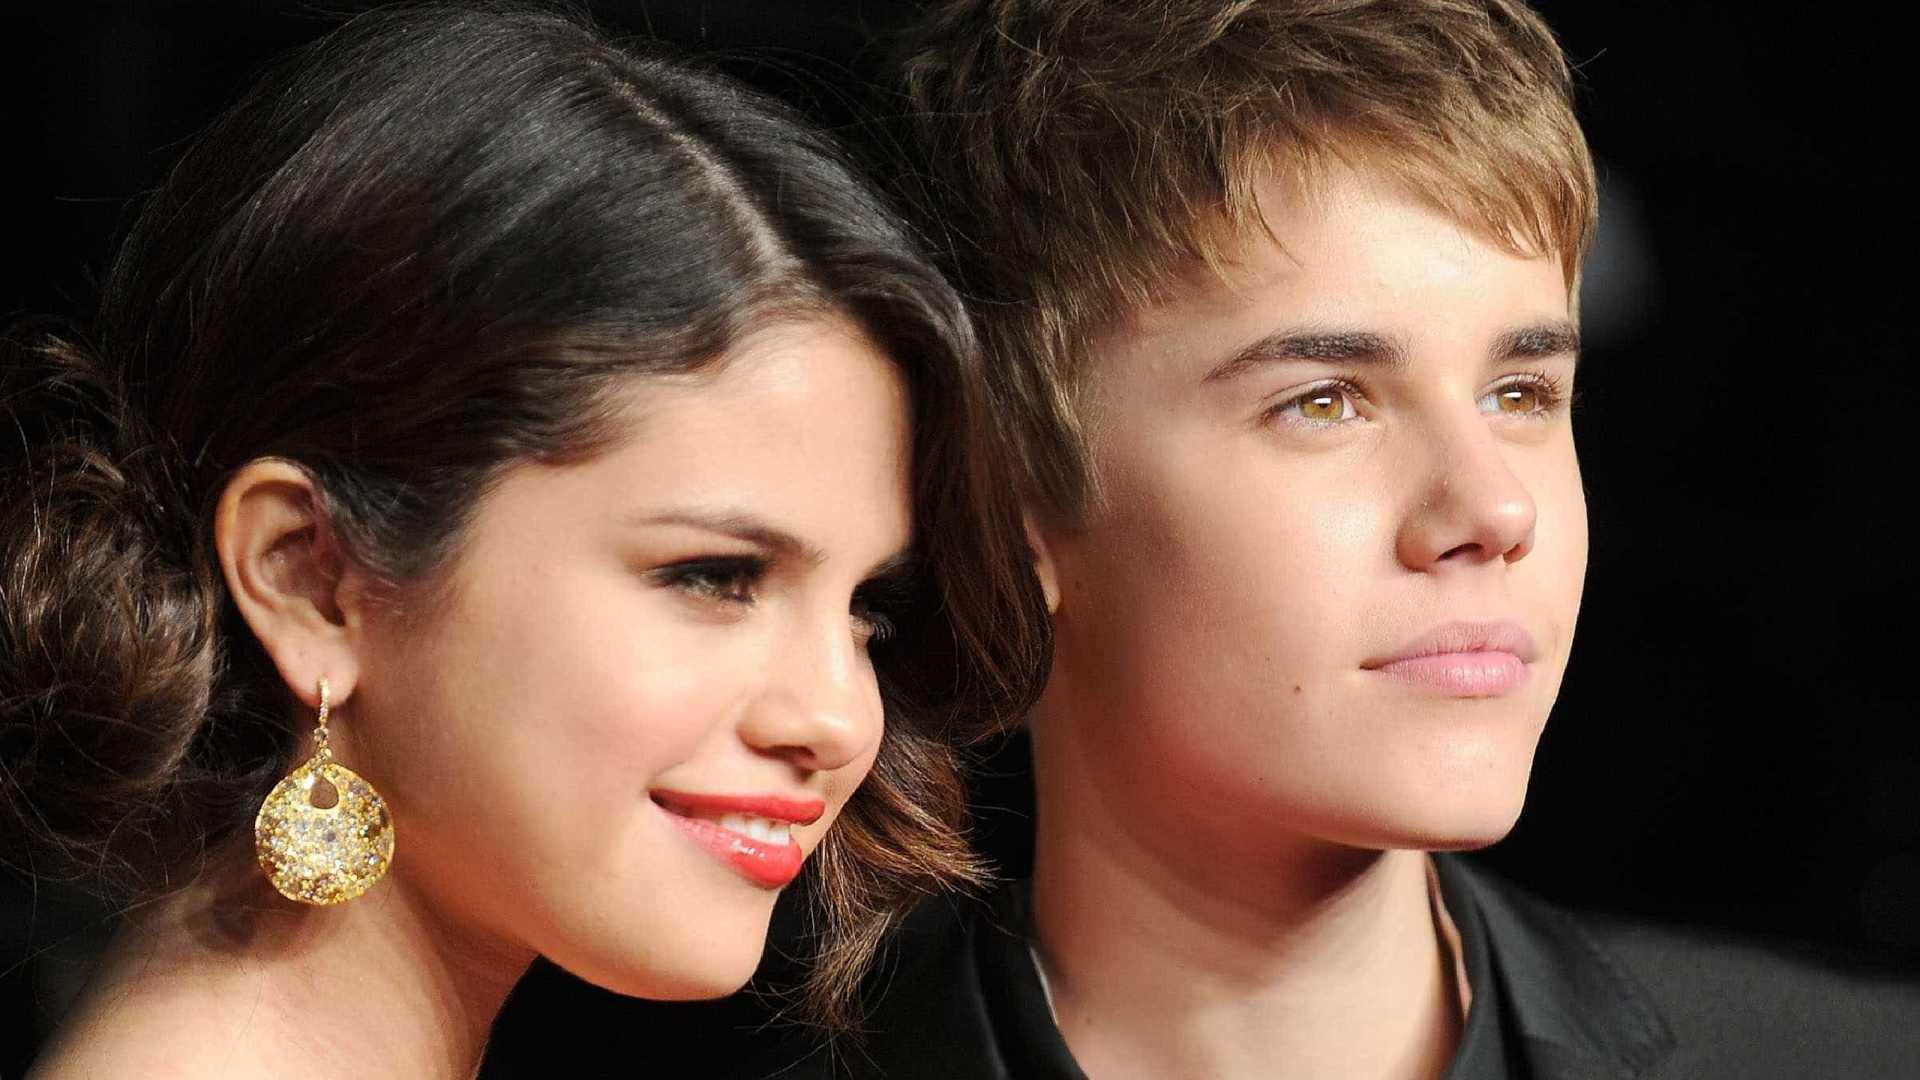 selena gomez justin bieber - Selena Gomez e Justin Bieber são vistos juntos novamente